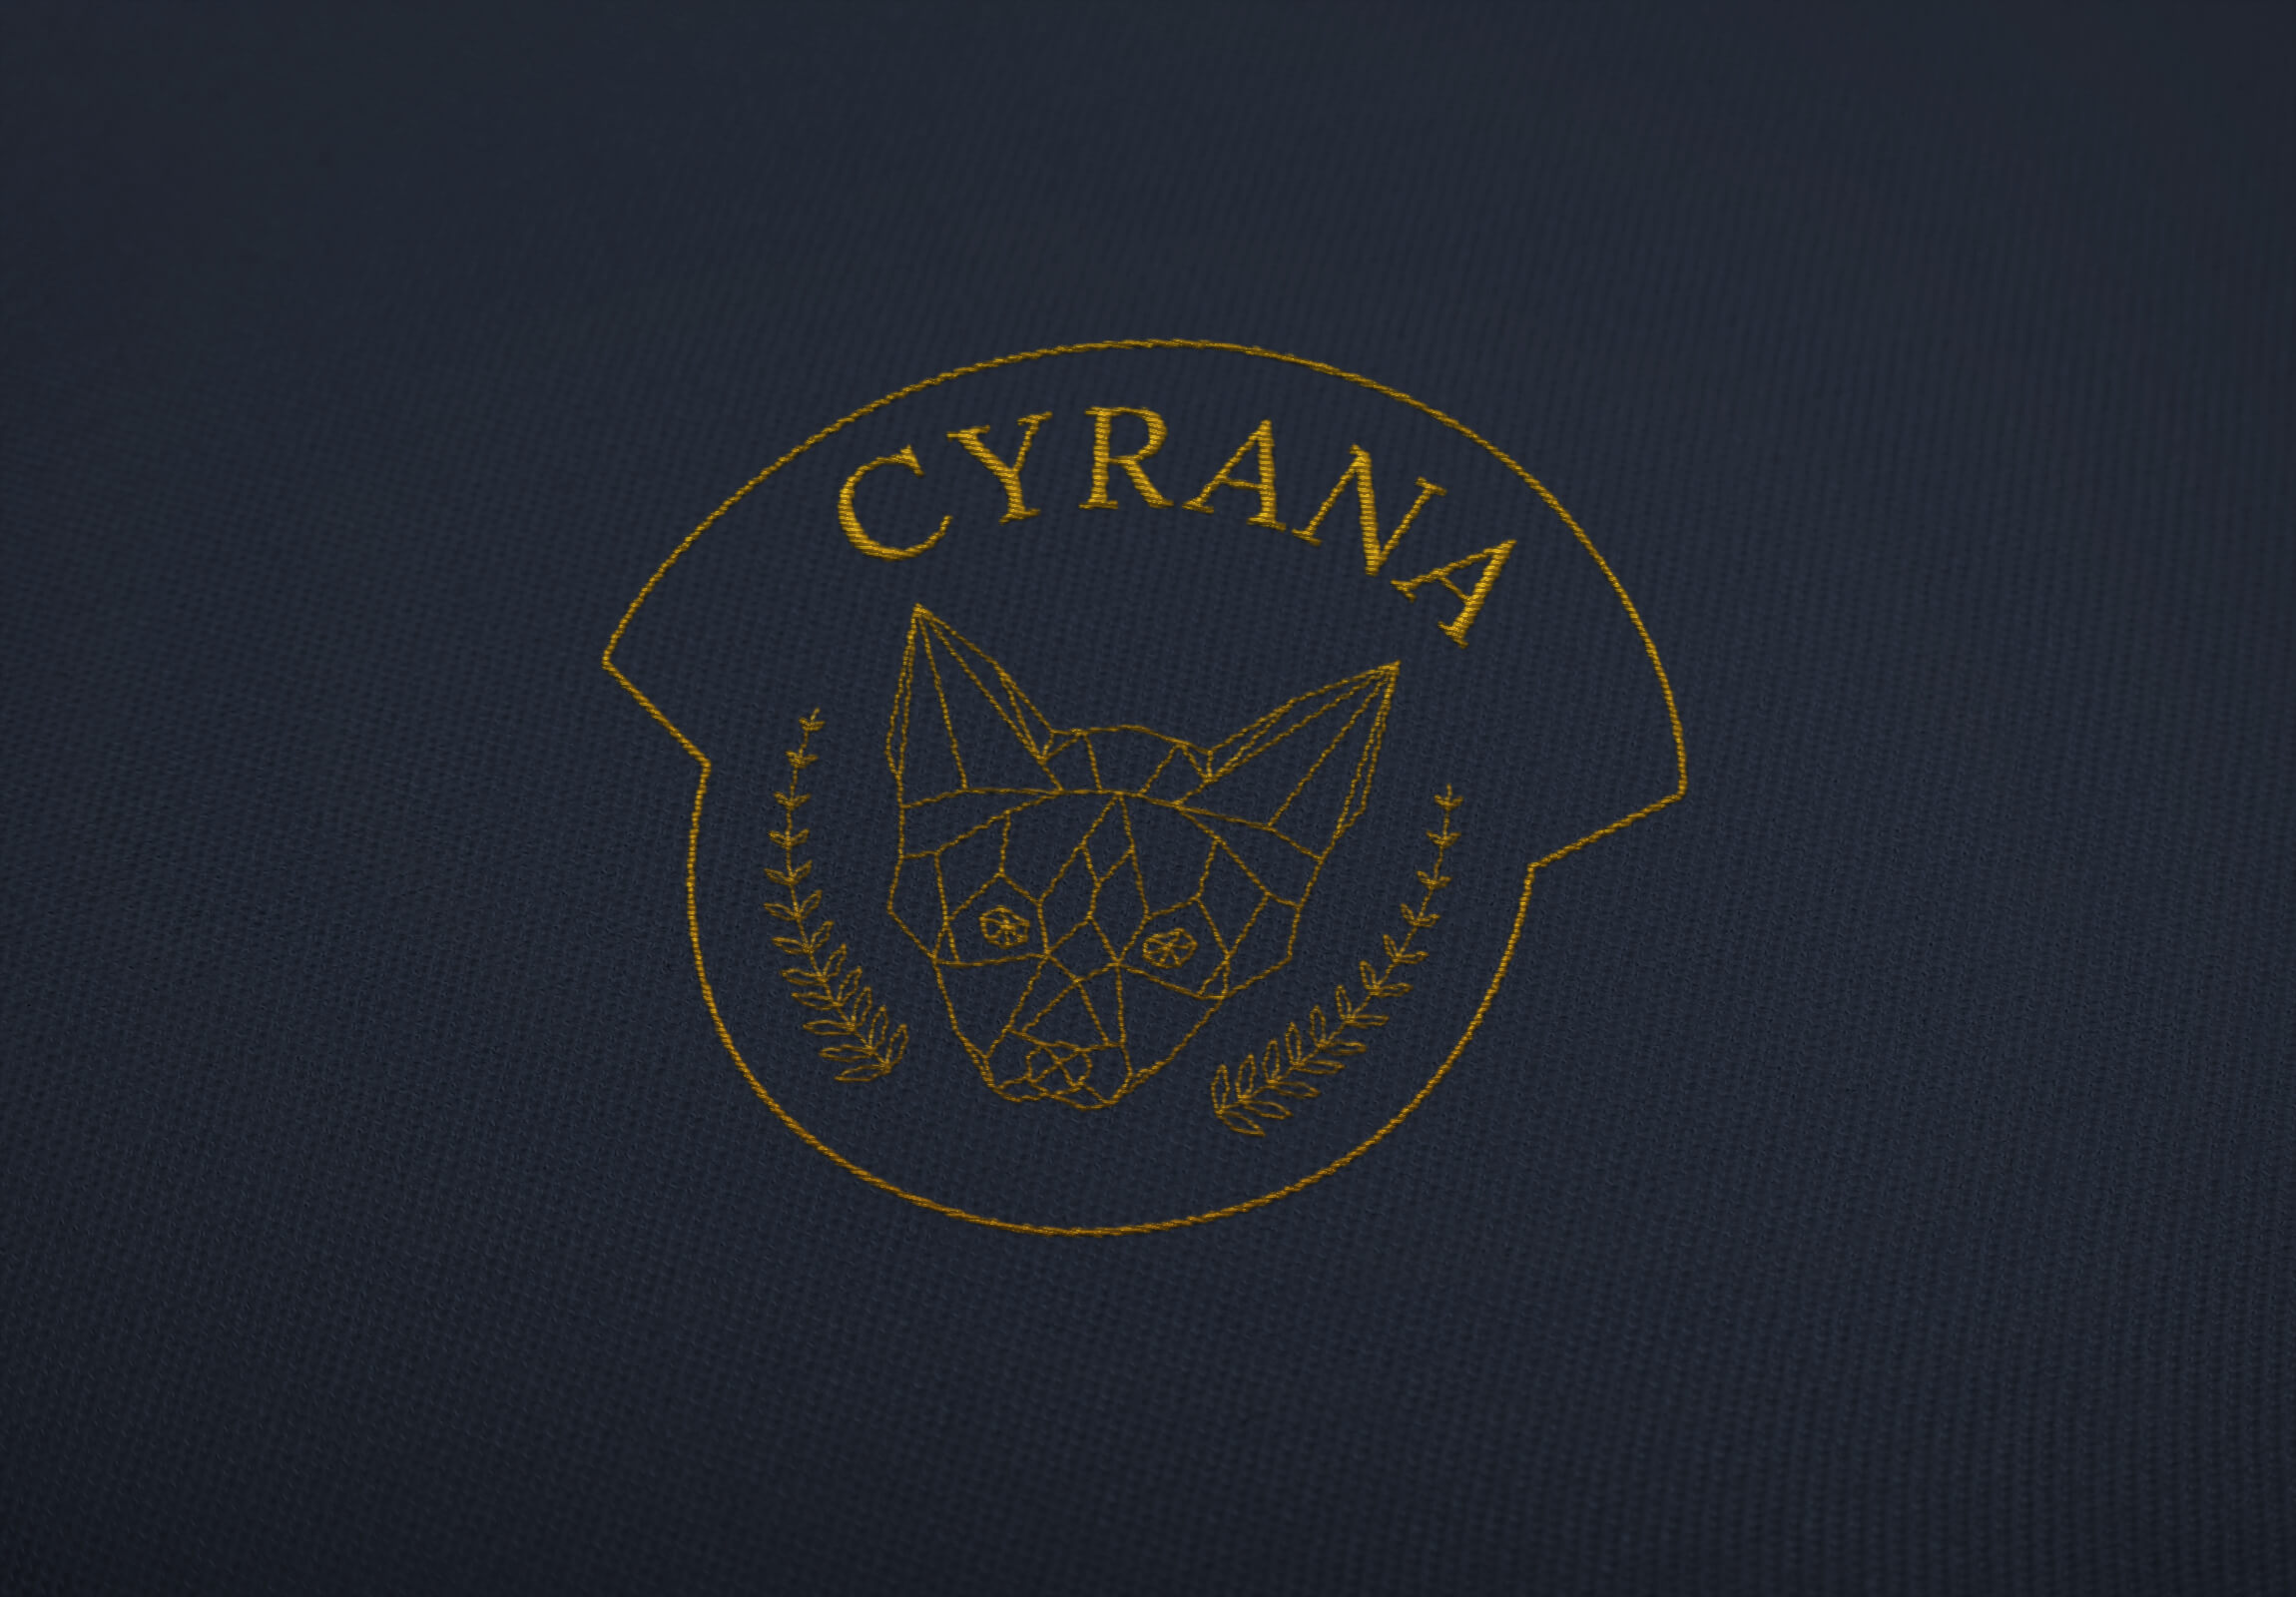 Cyrana